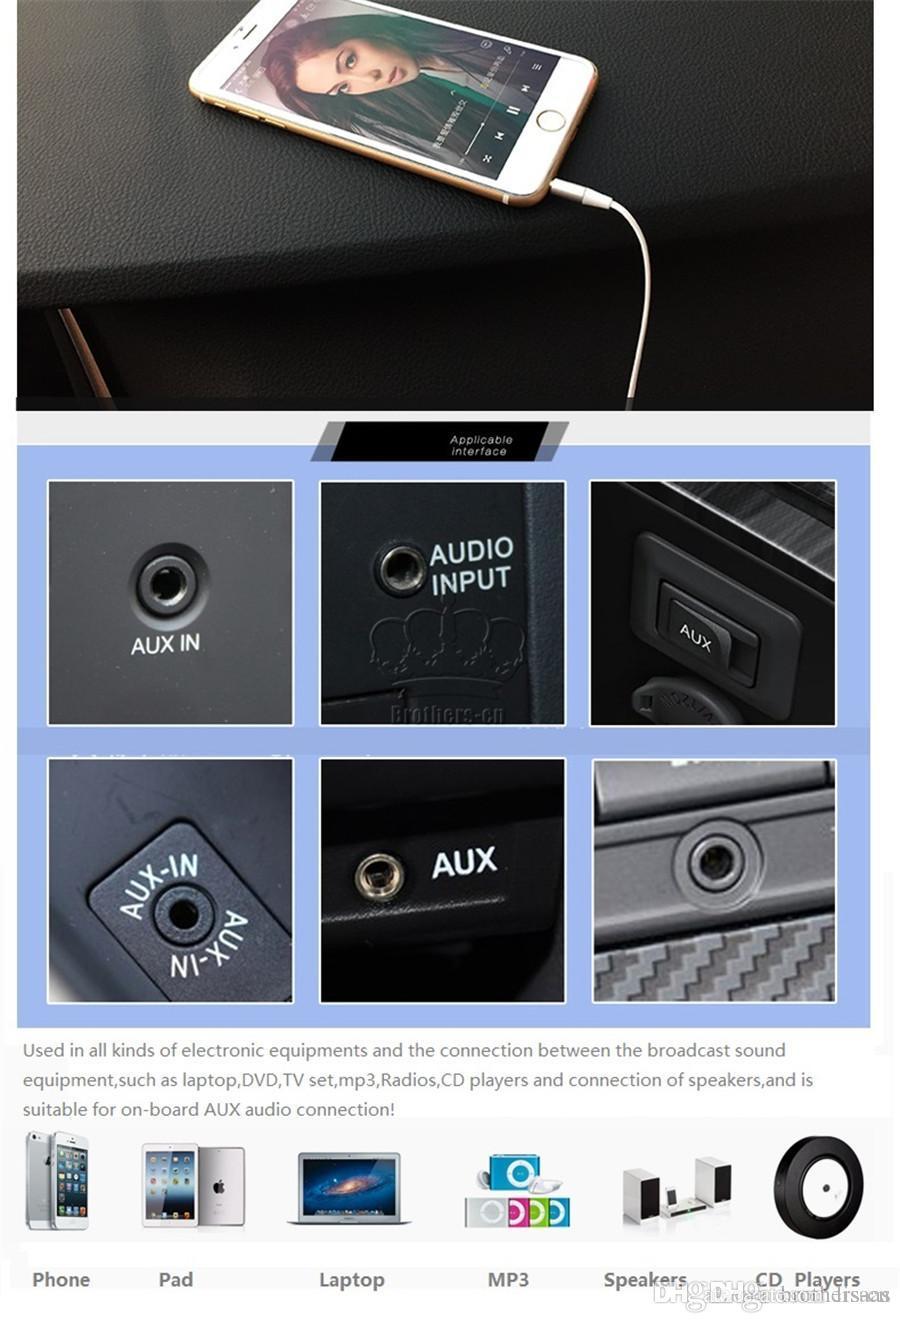 5FT 1.5M 3.5mm 자동차 오디오 AUX 연장 케이블 꼰 와이어 짠 보조 스테레오 잭 남성 리드 7 6 6plus 안드로이드 모바일 스피커